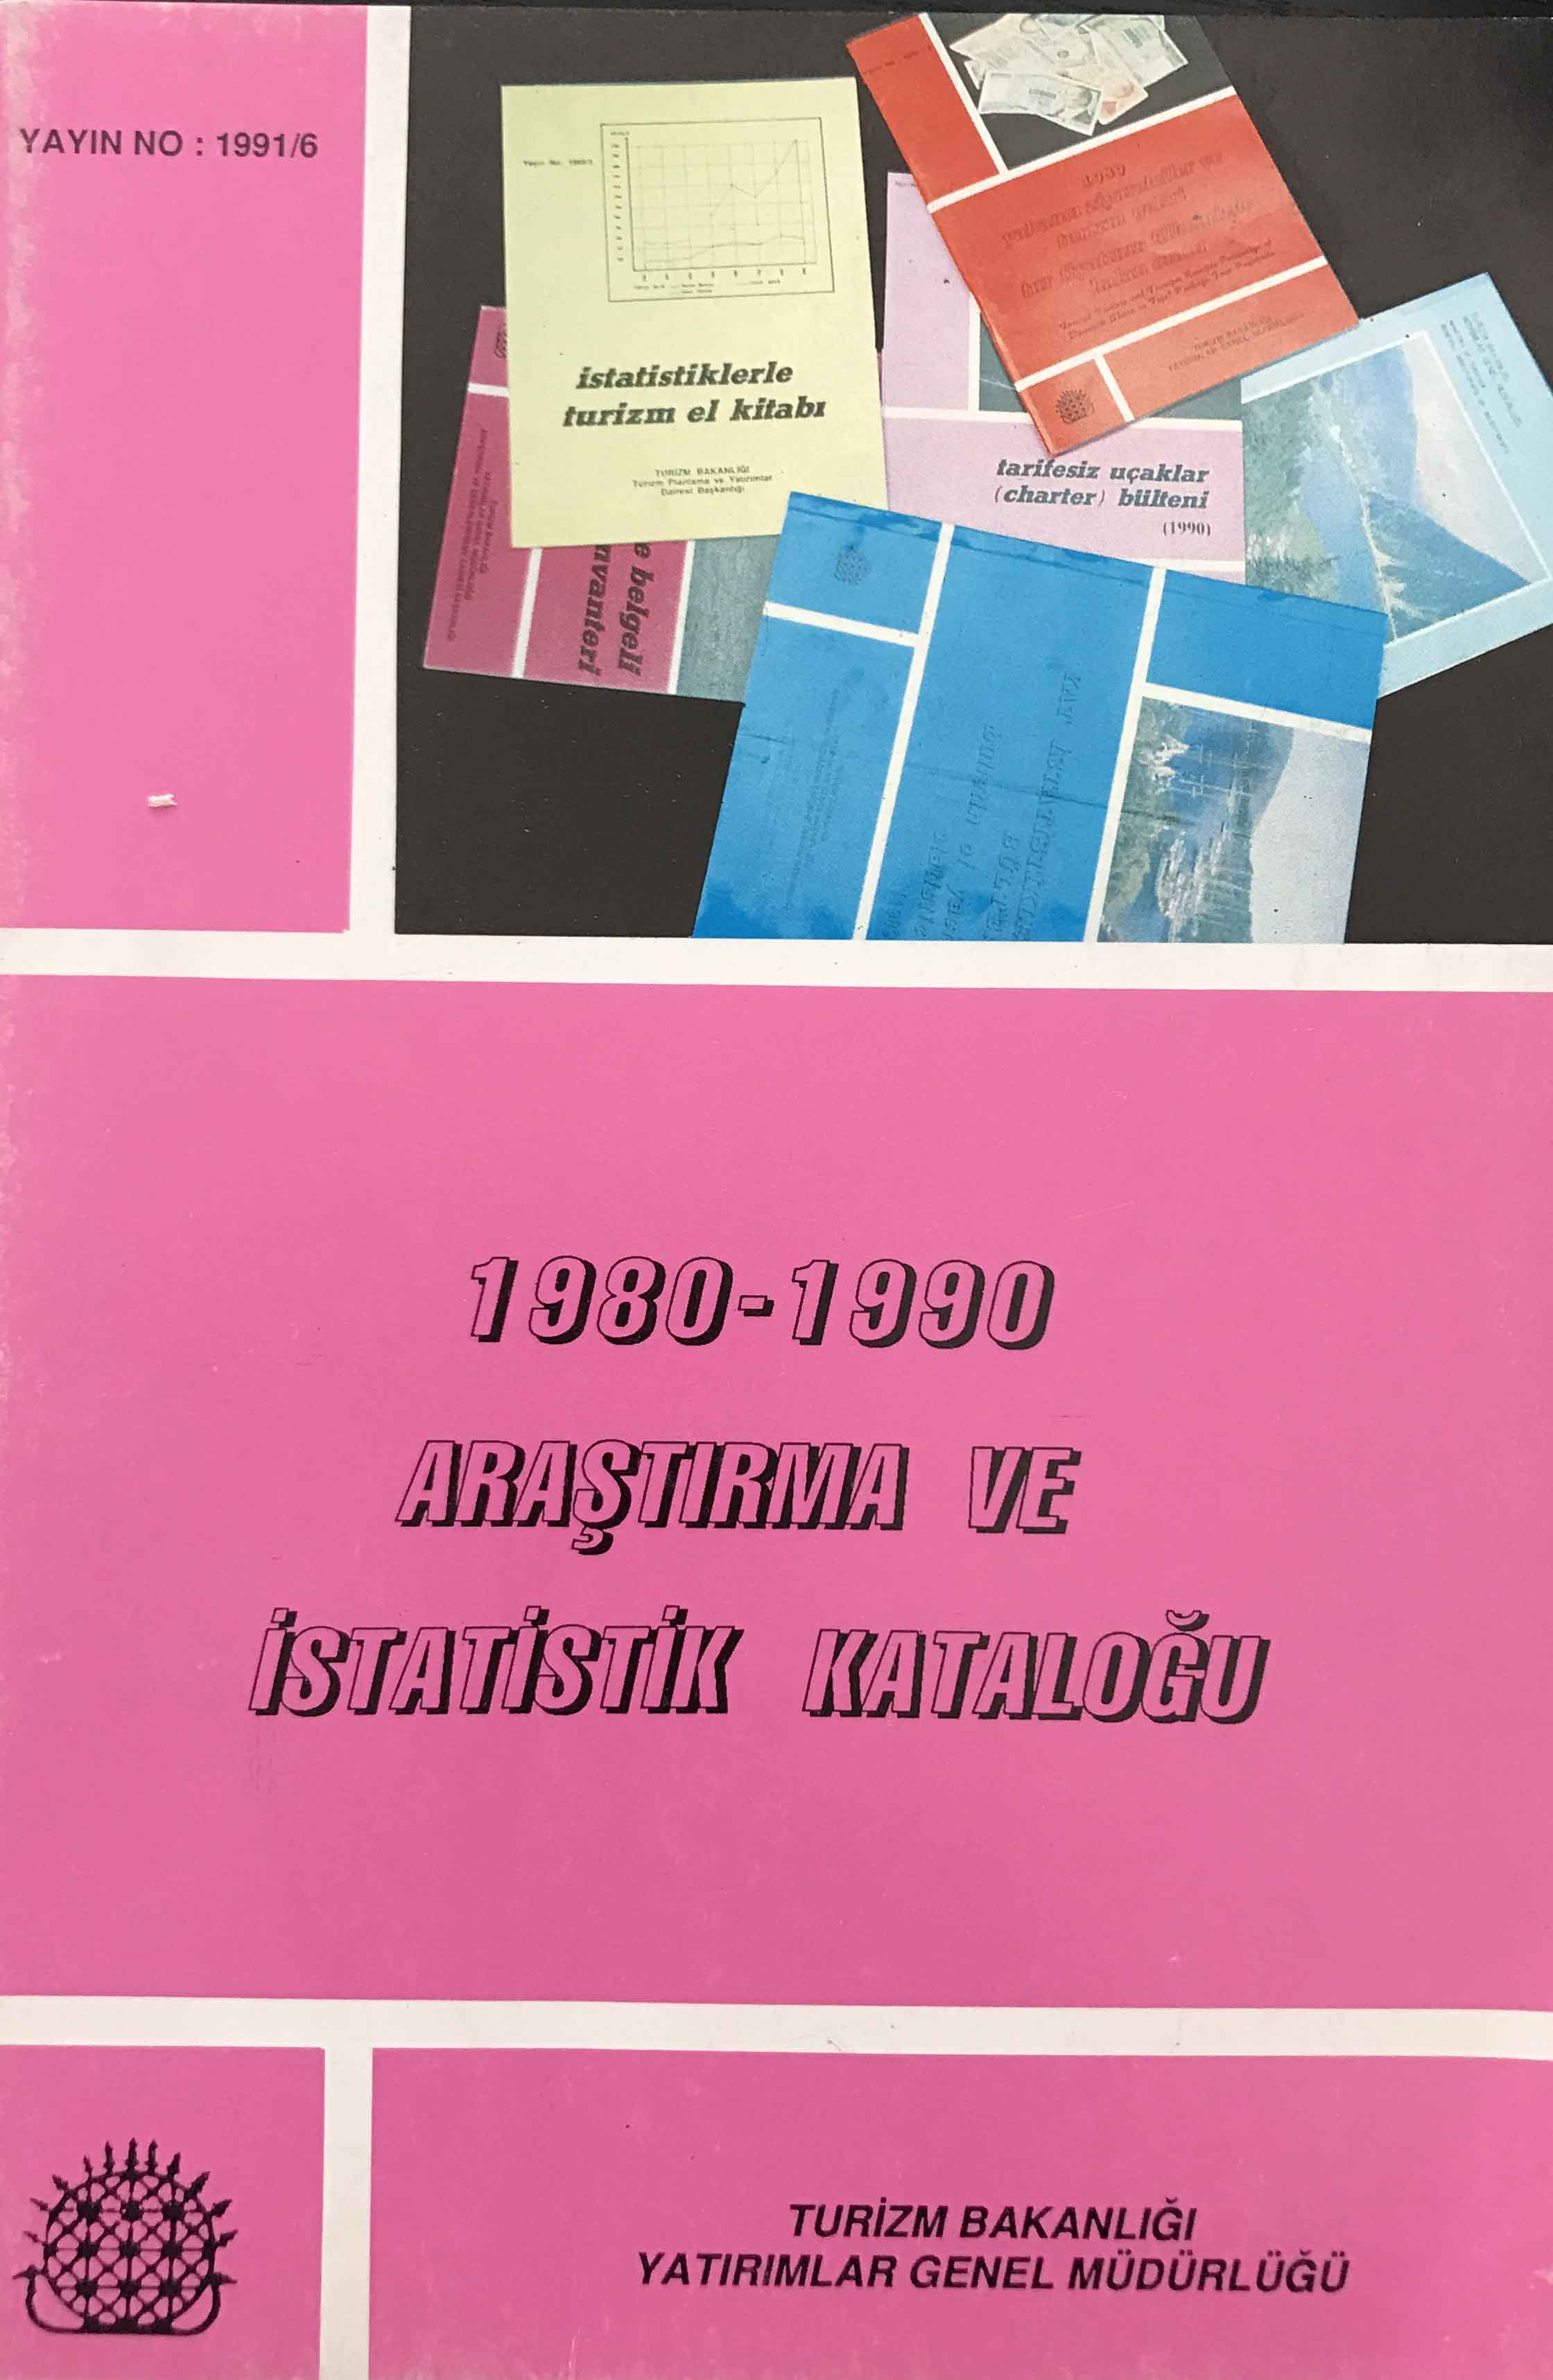 1980-1990 Araştırma ve İstatistik Kataloğu Kitap Kapağı